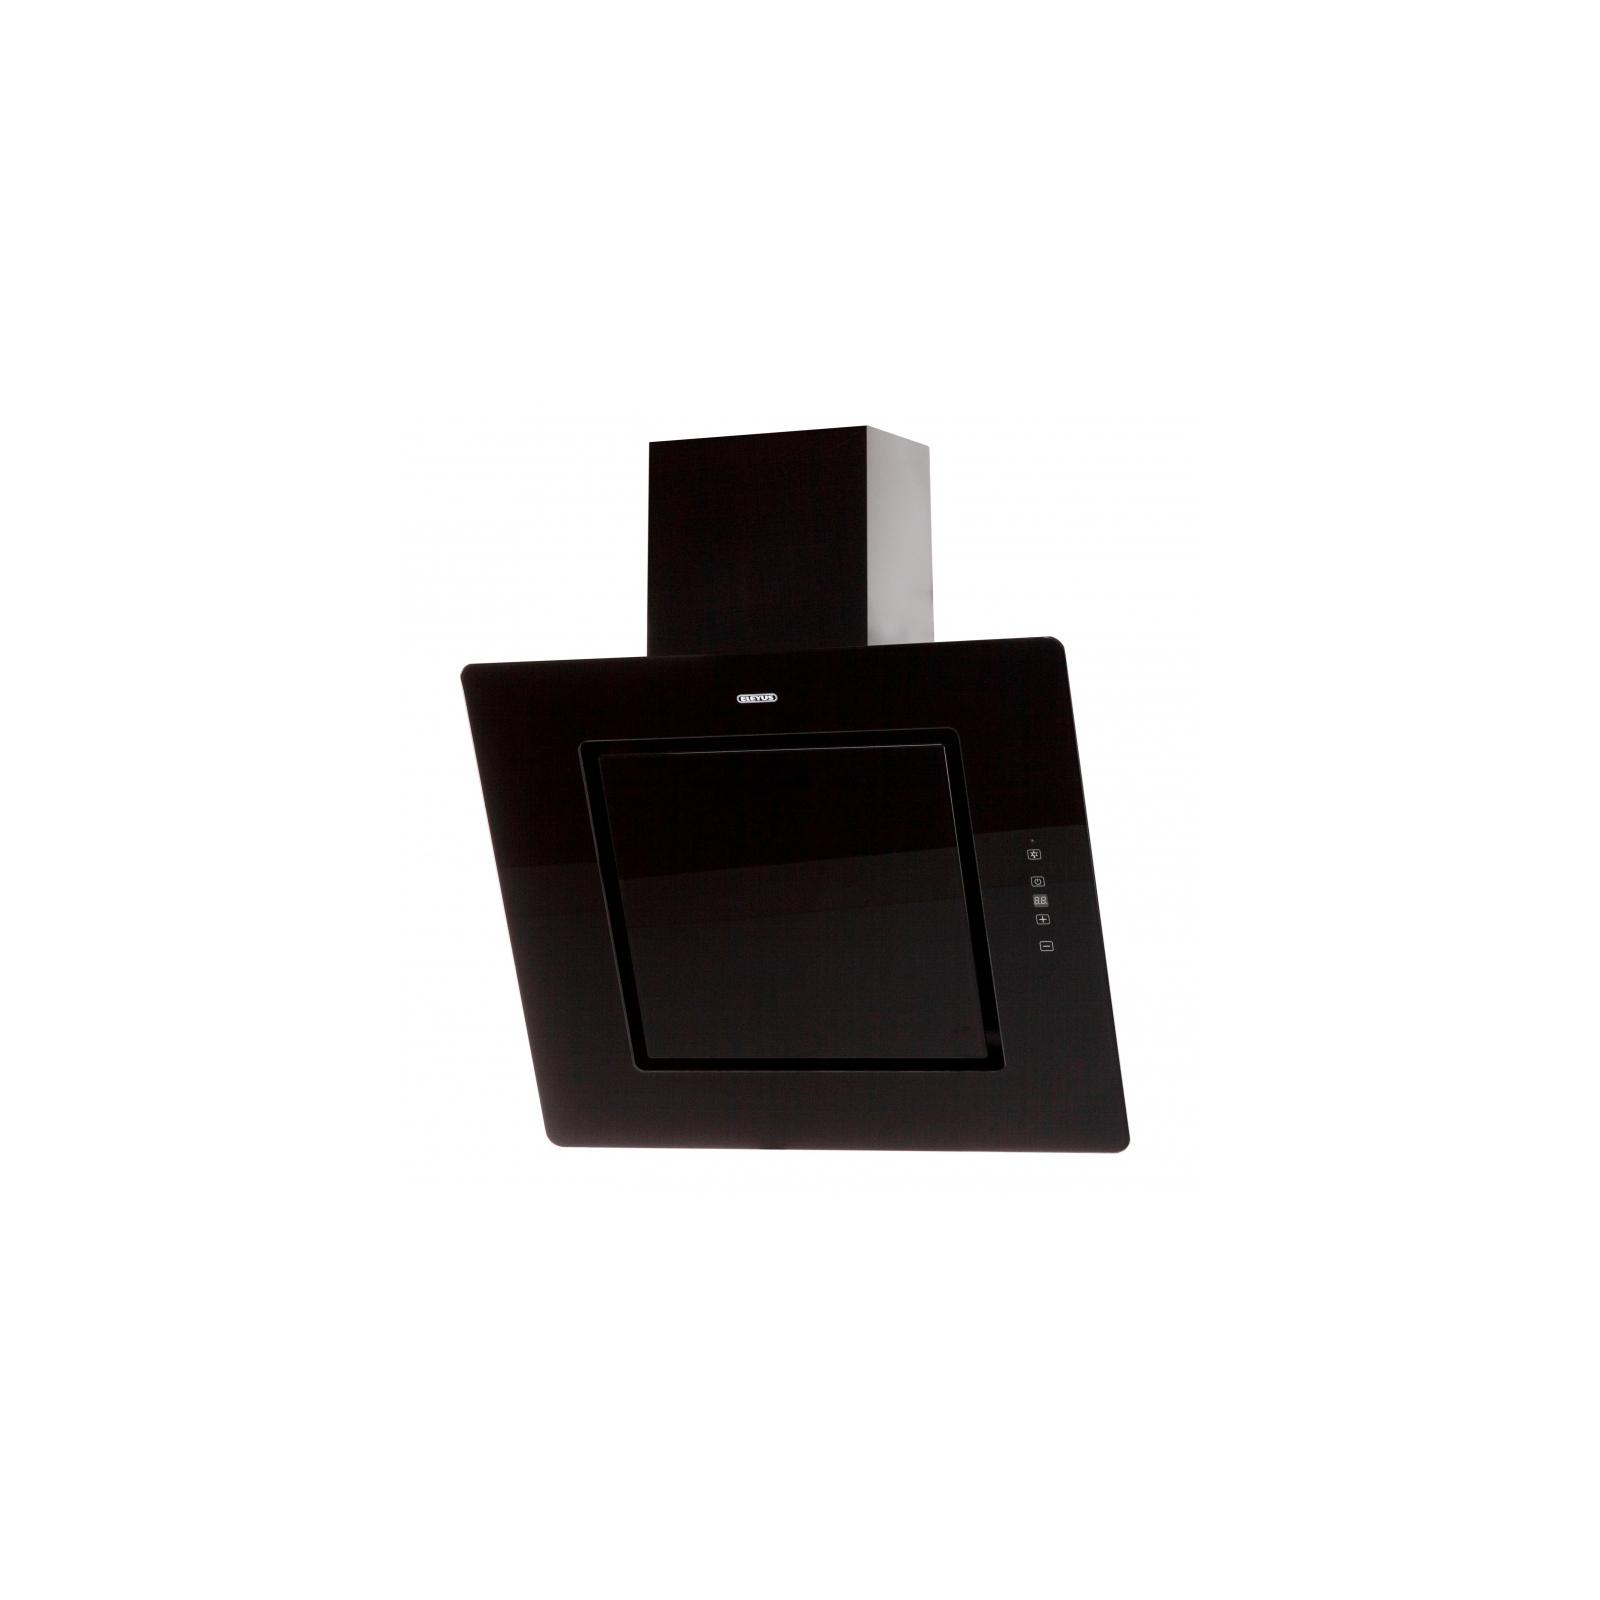 Вытяжка кухонная Eleyus Venera A 750 60 BG